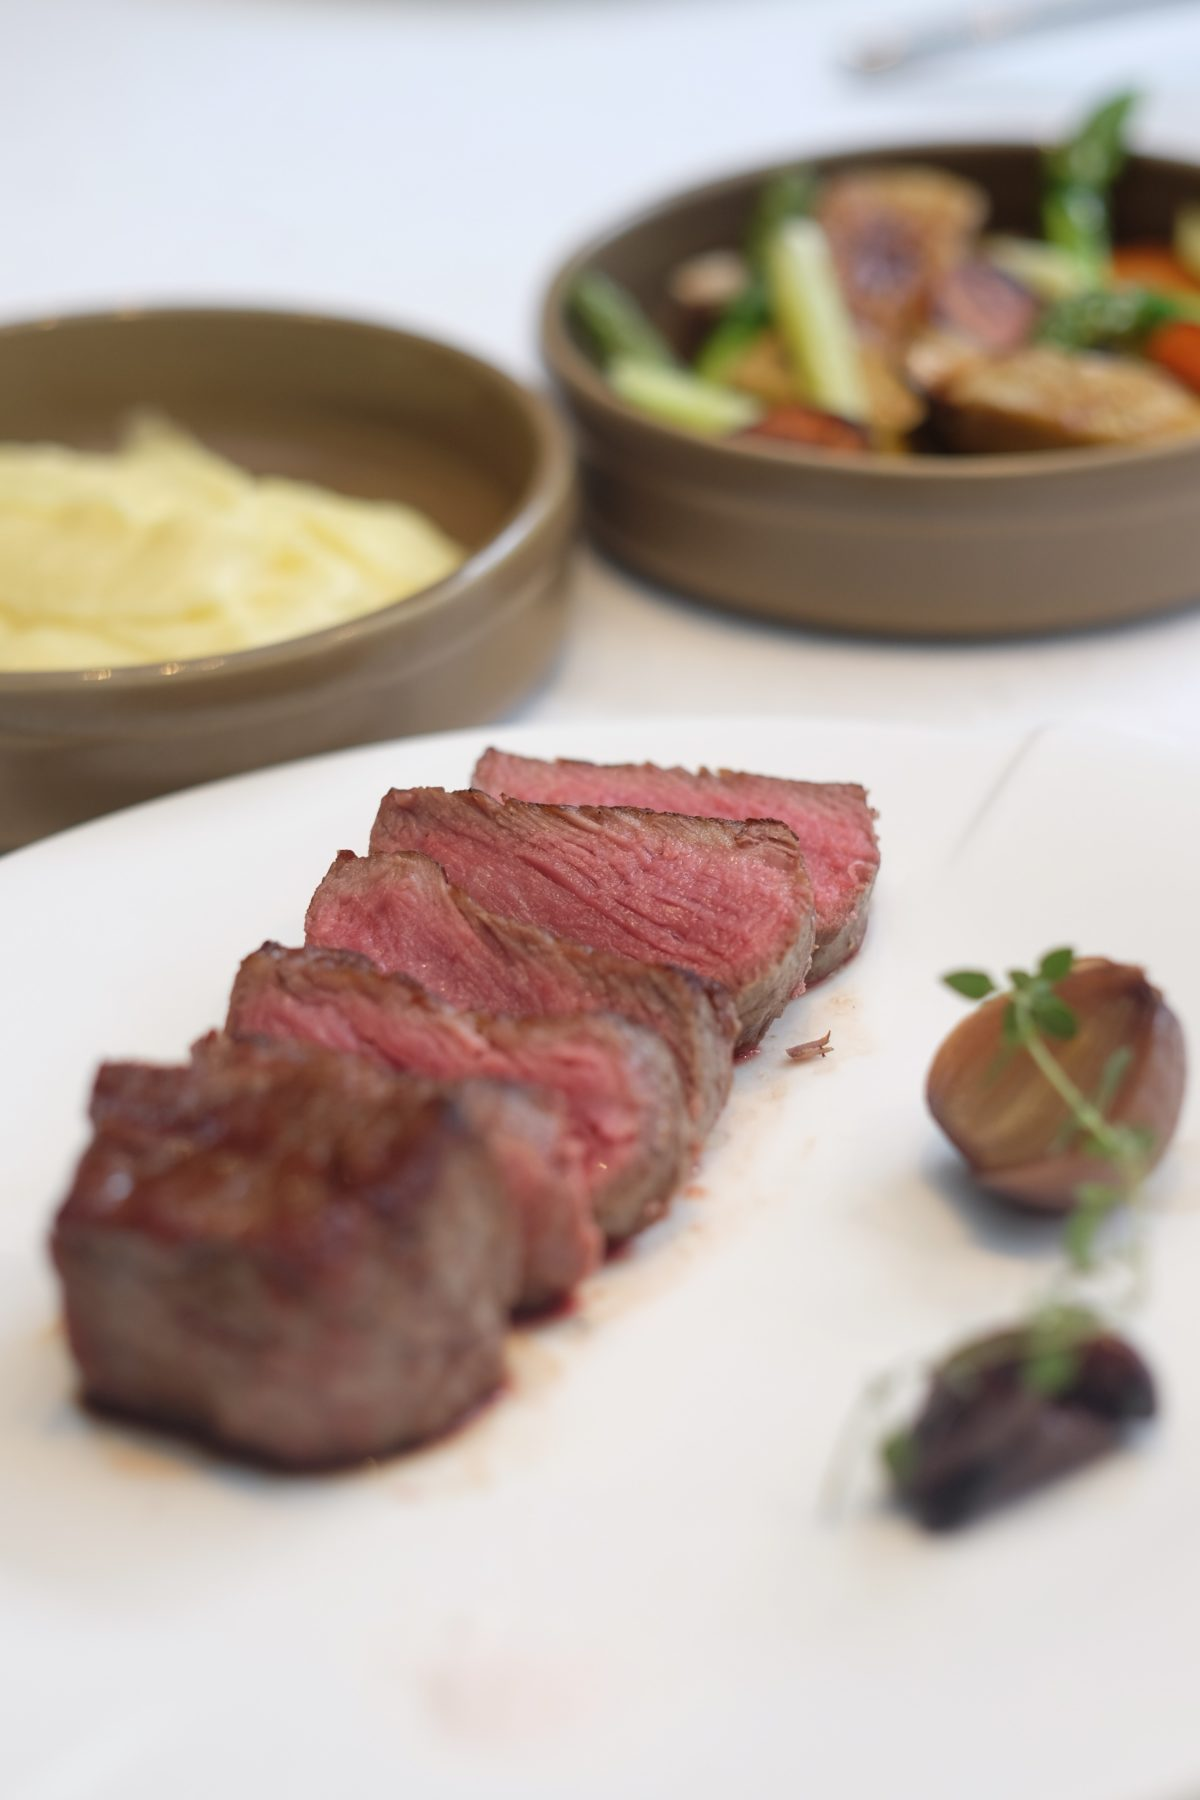 「米其林餐盤推薦老饕住房專案」 超值一泊一食每人每晚最低一千兩百元起